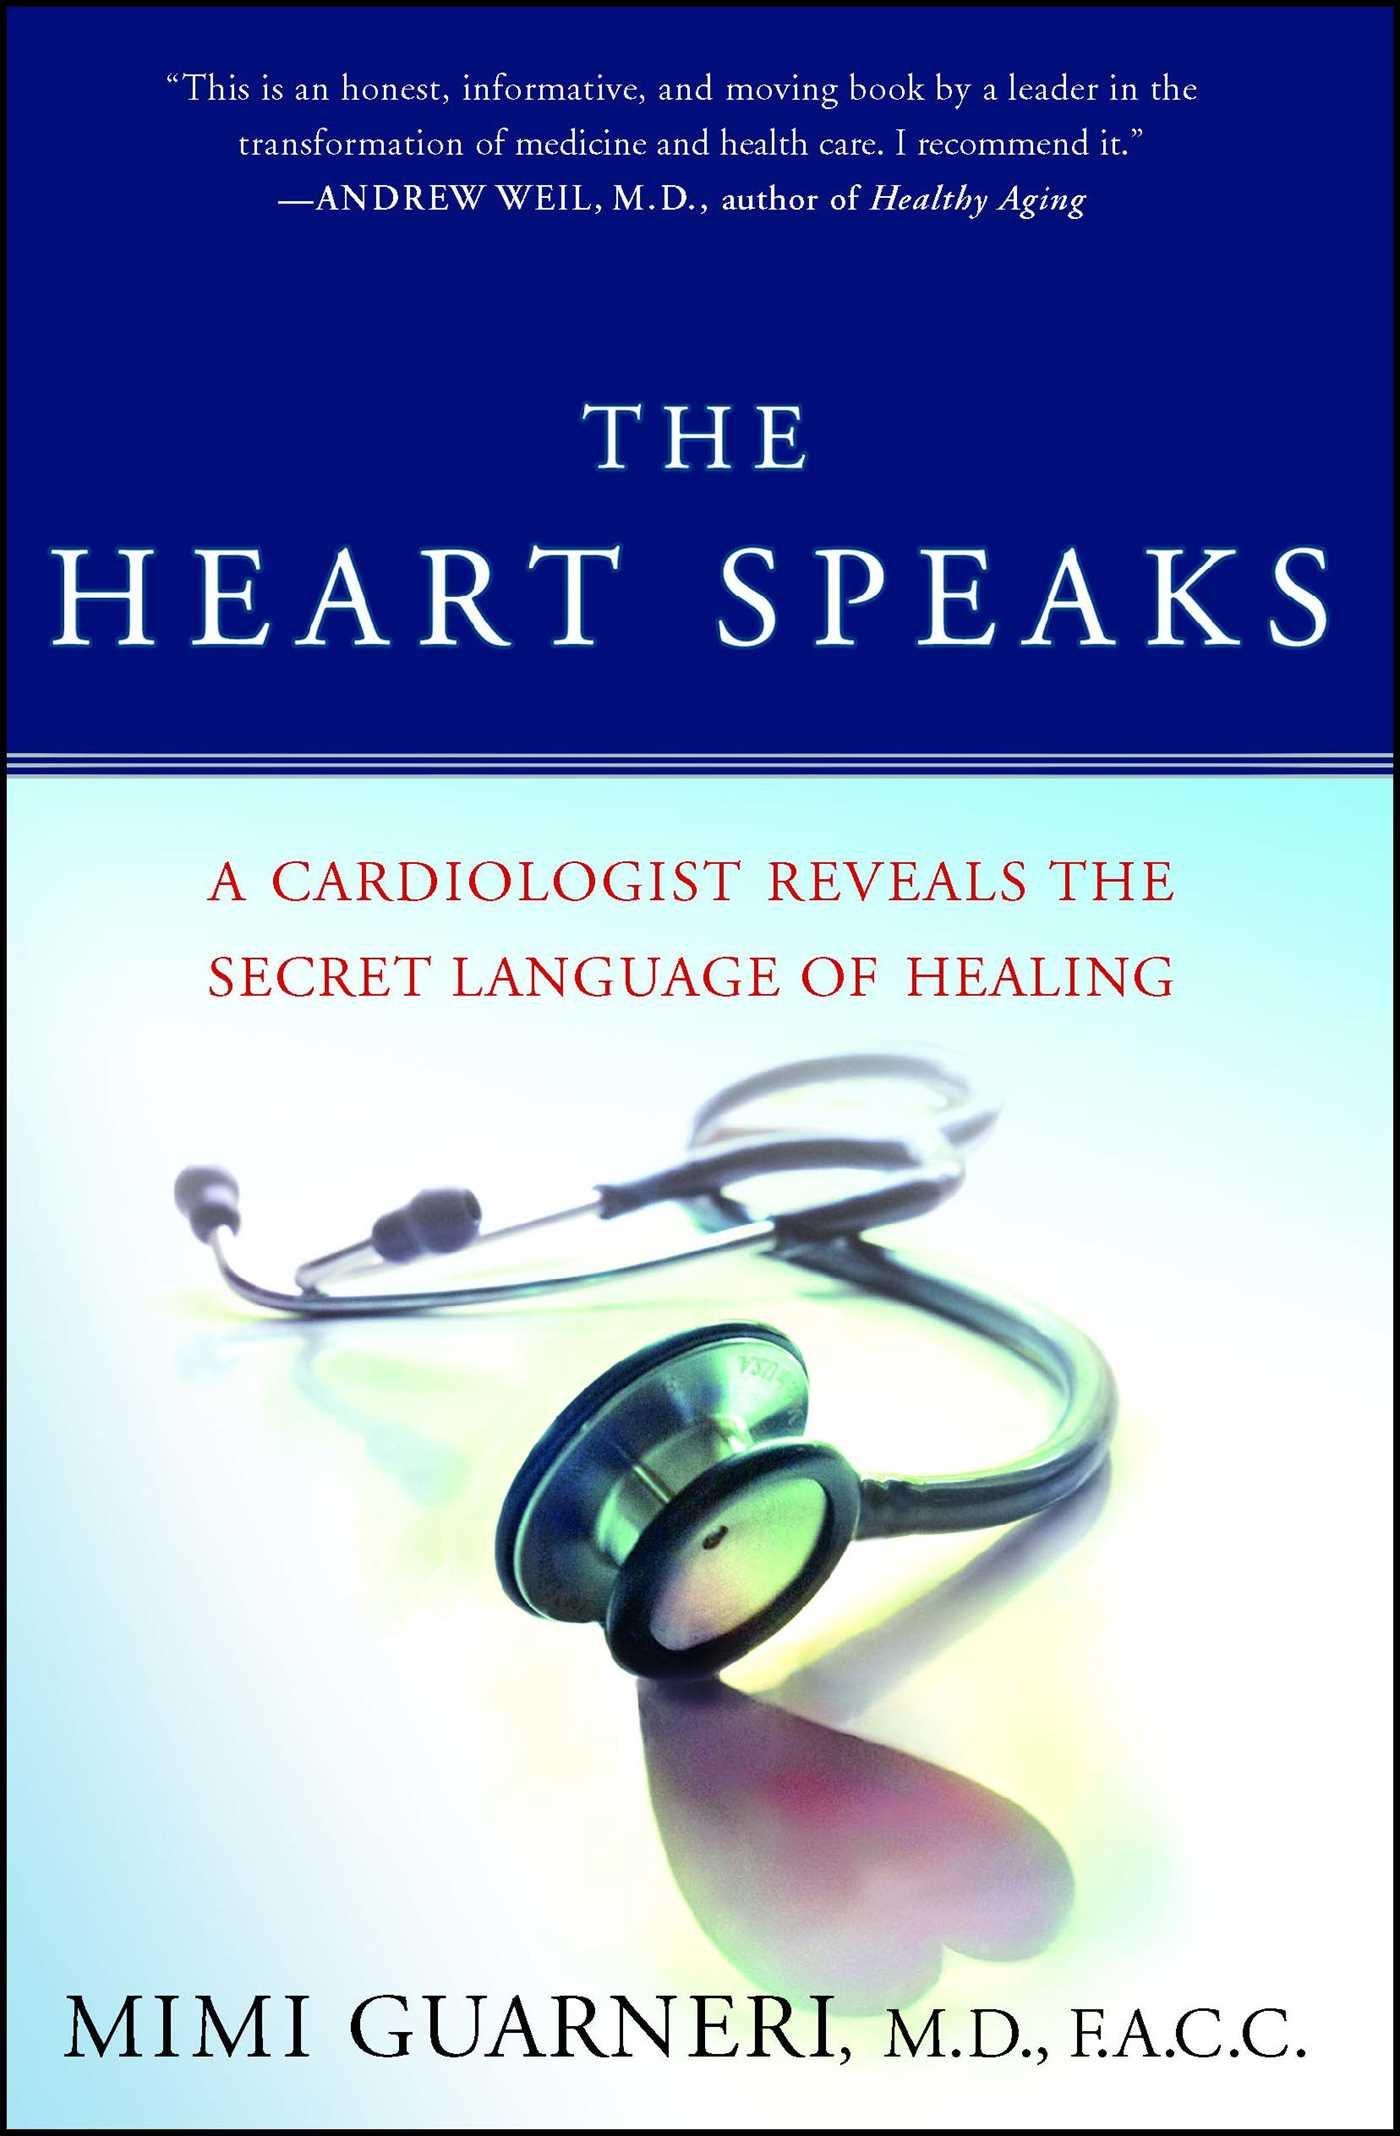 The heart speaks 9780743273121 hr